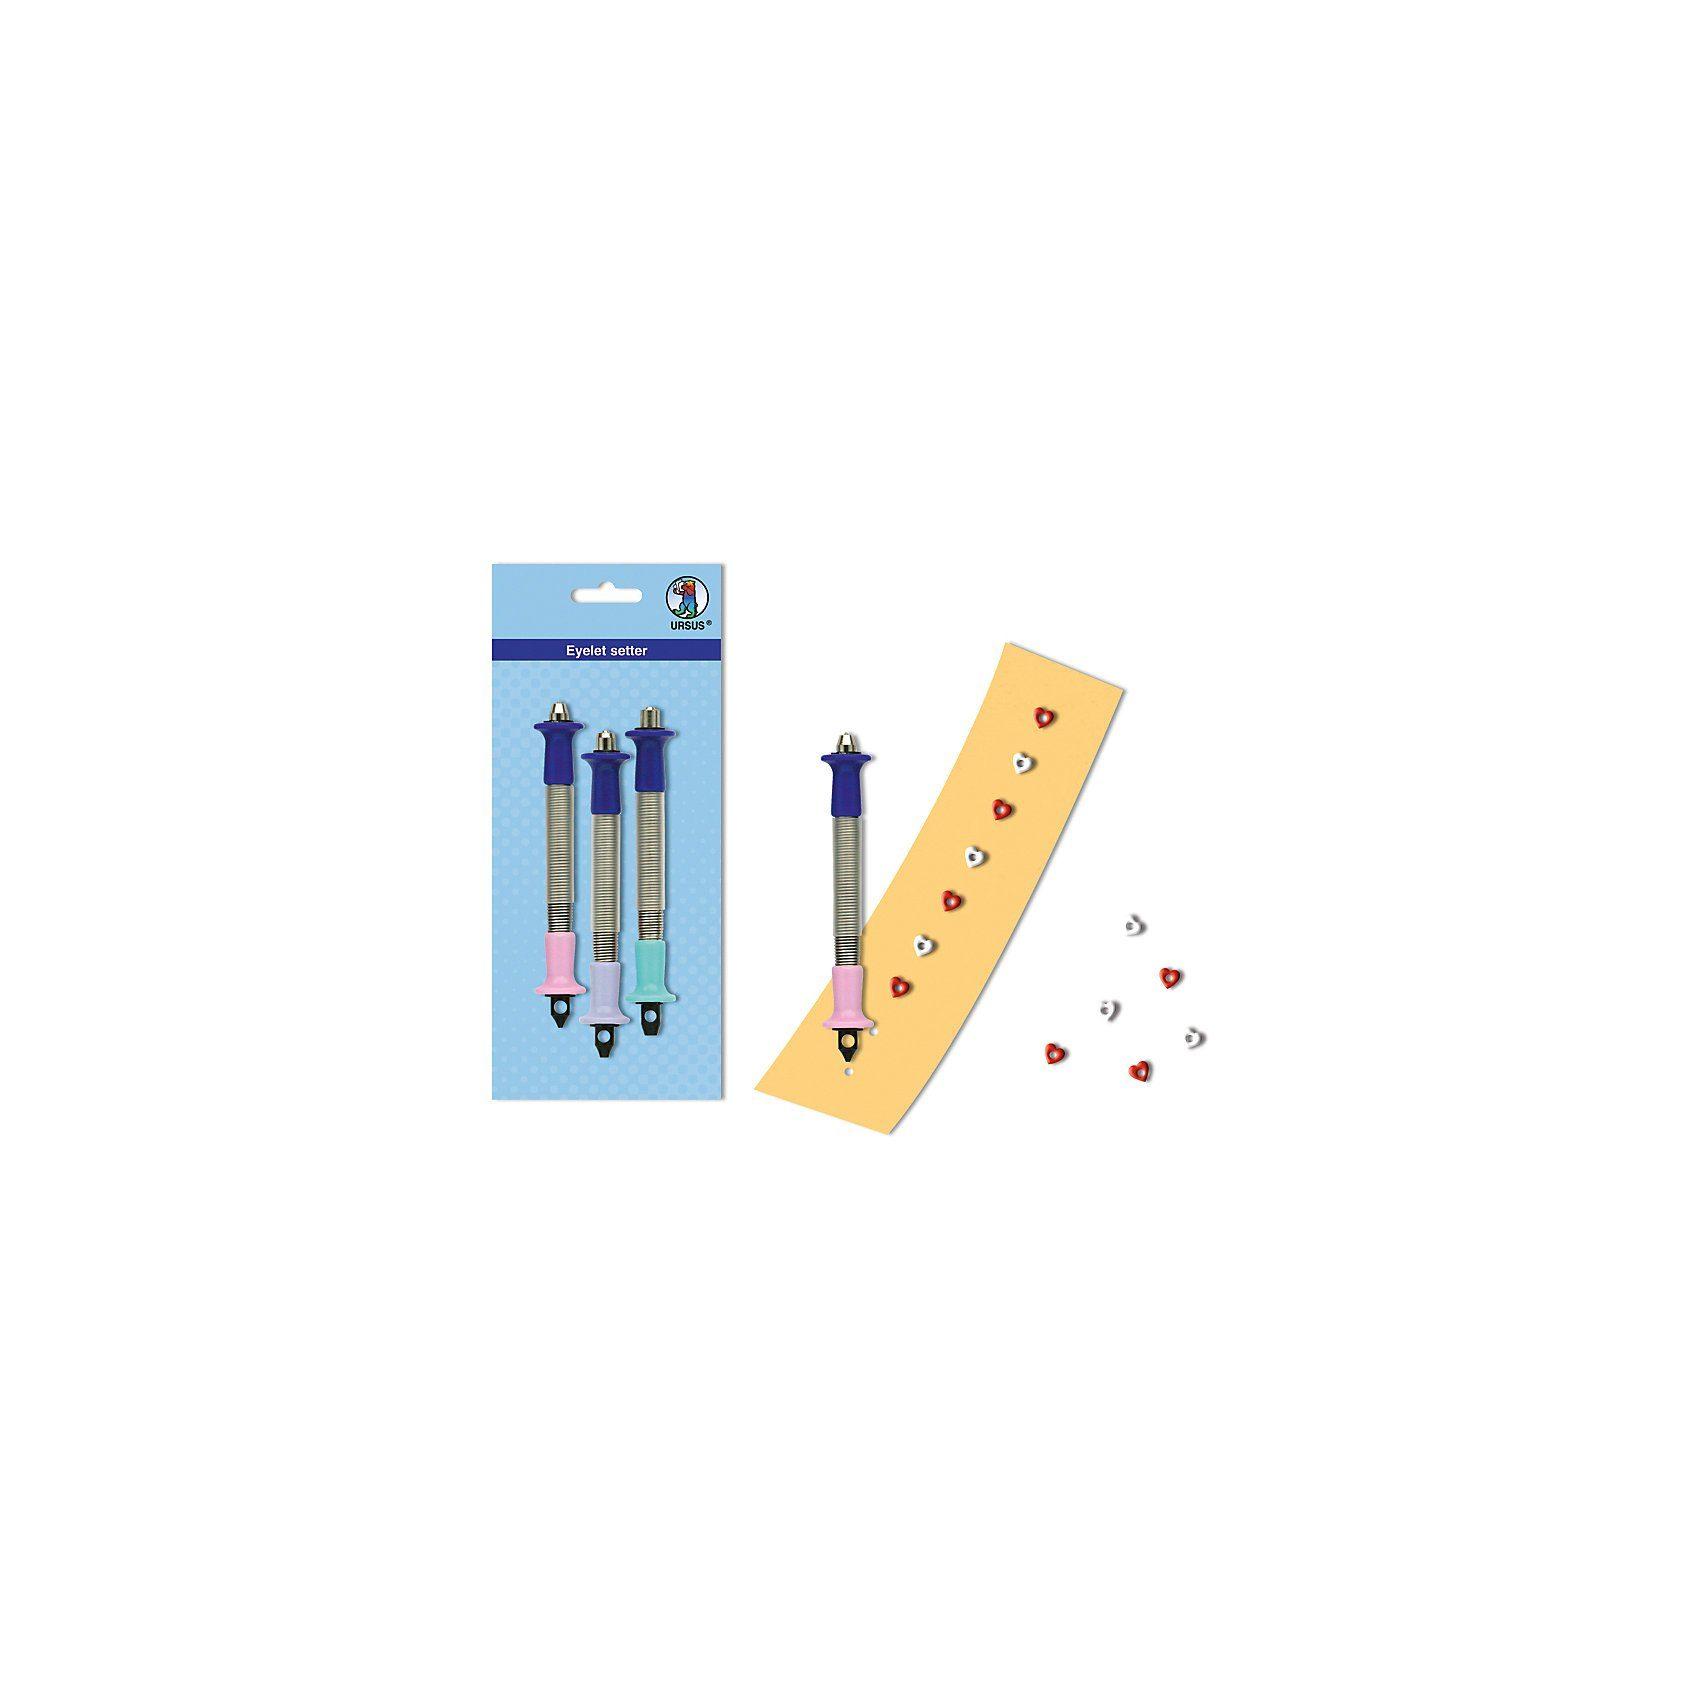 URSUS Stanzwerkzeug Eyelet Setter für Papierösen